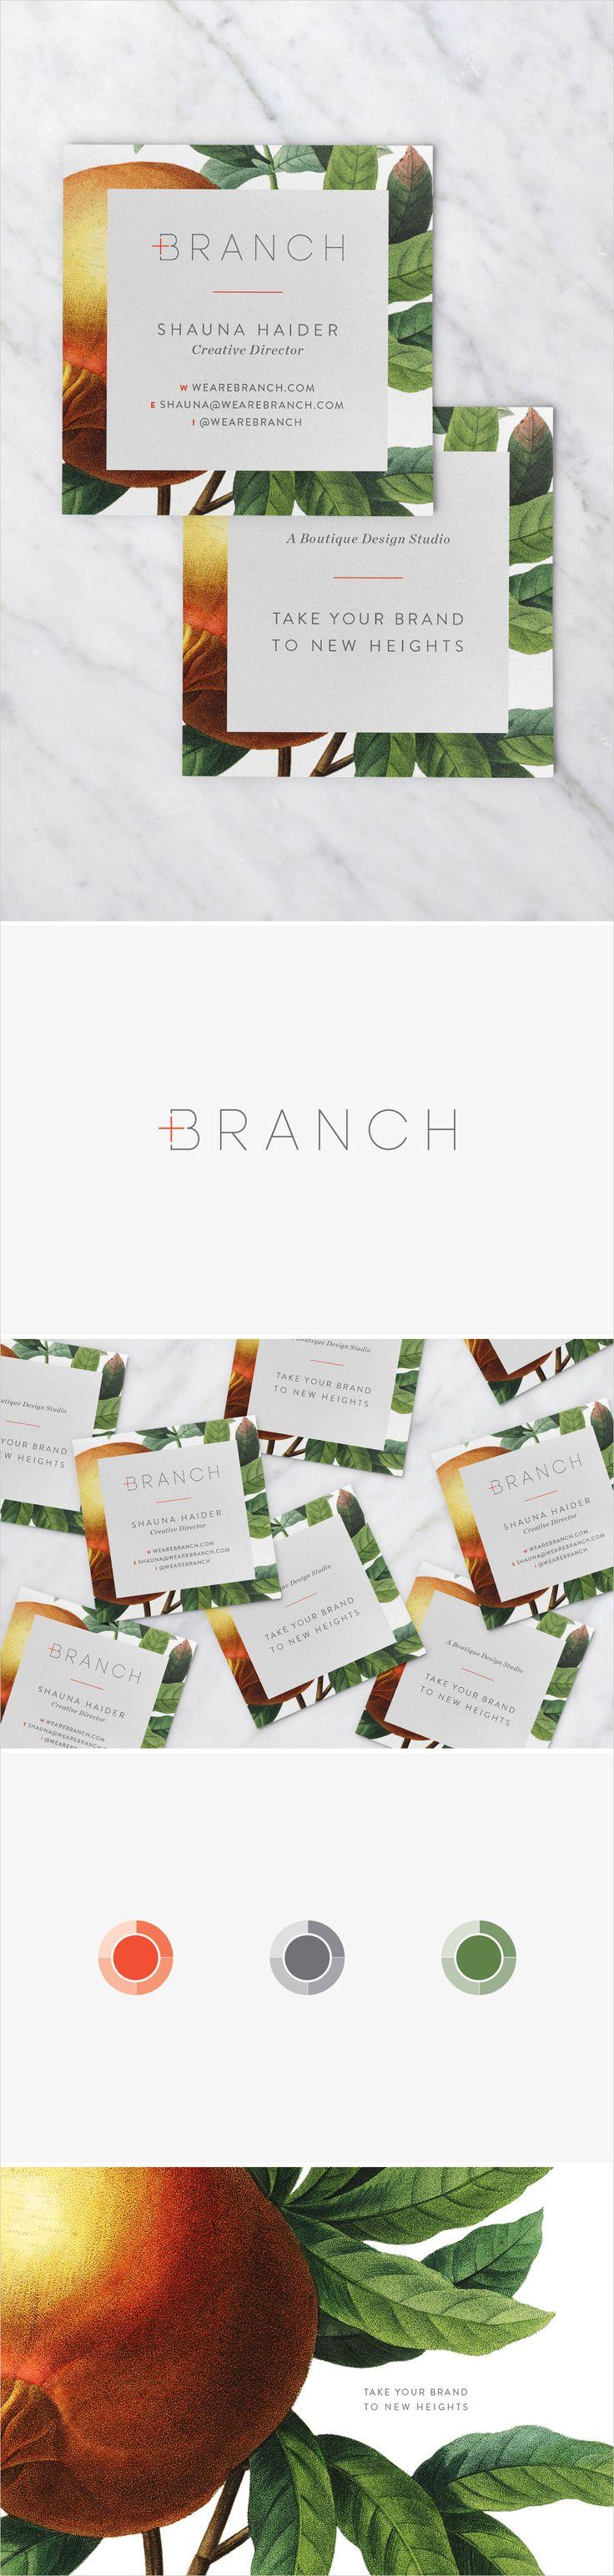 Branch | Brand Refresh